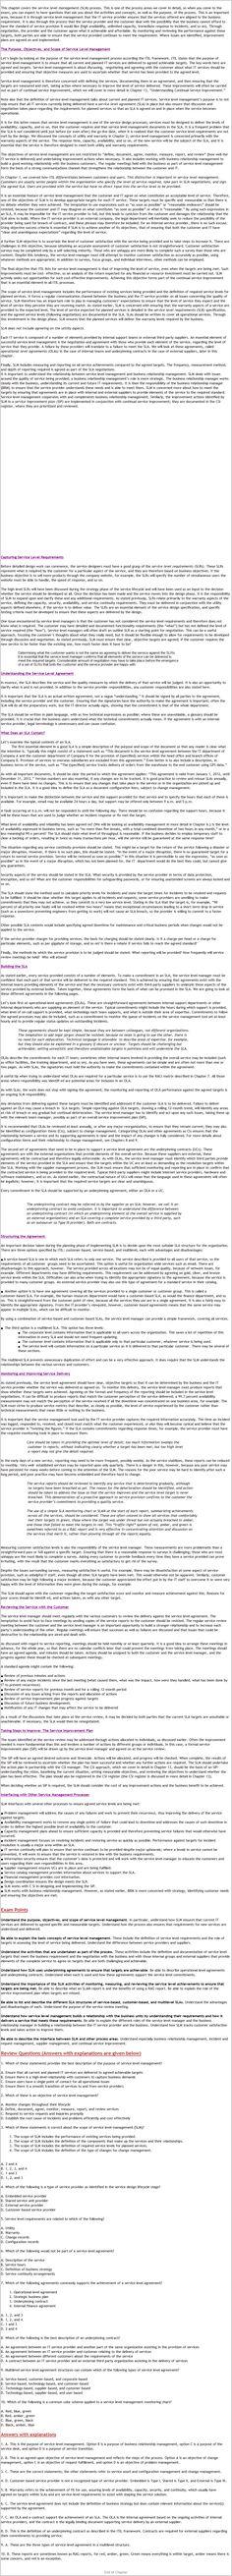 Itil 2011 V3 Foundation Certification For Ex0 117 Itil Fnd Exams